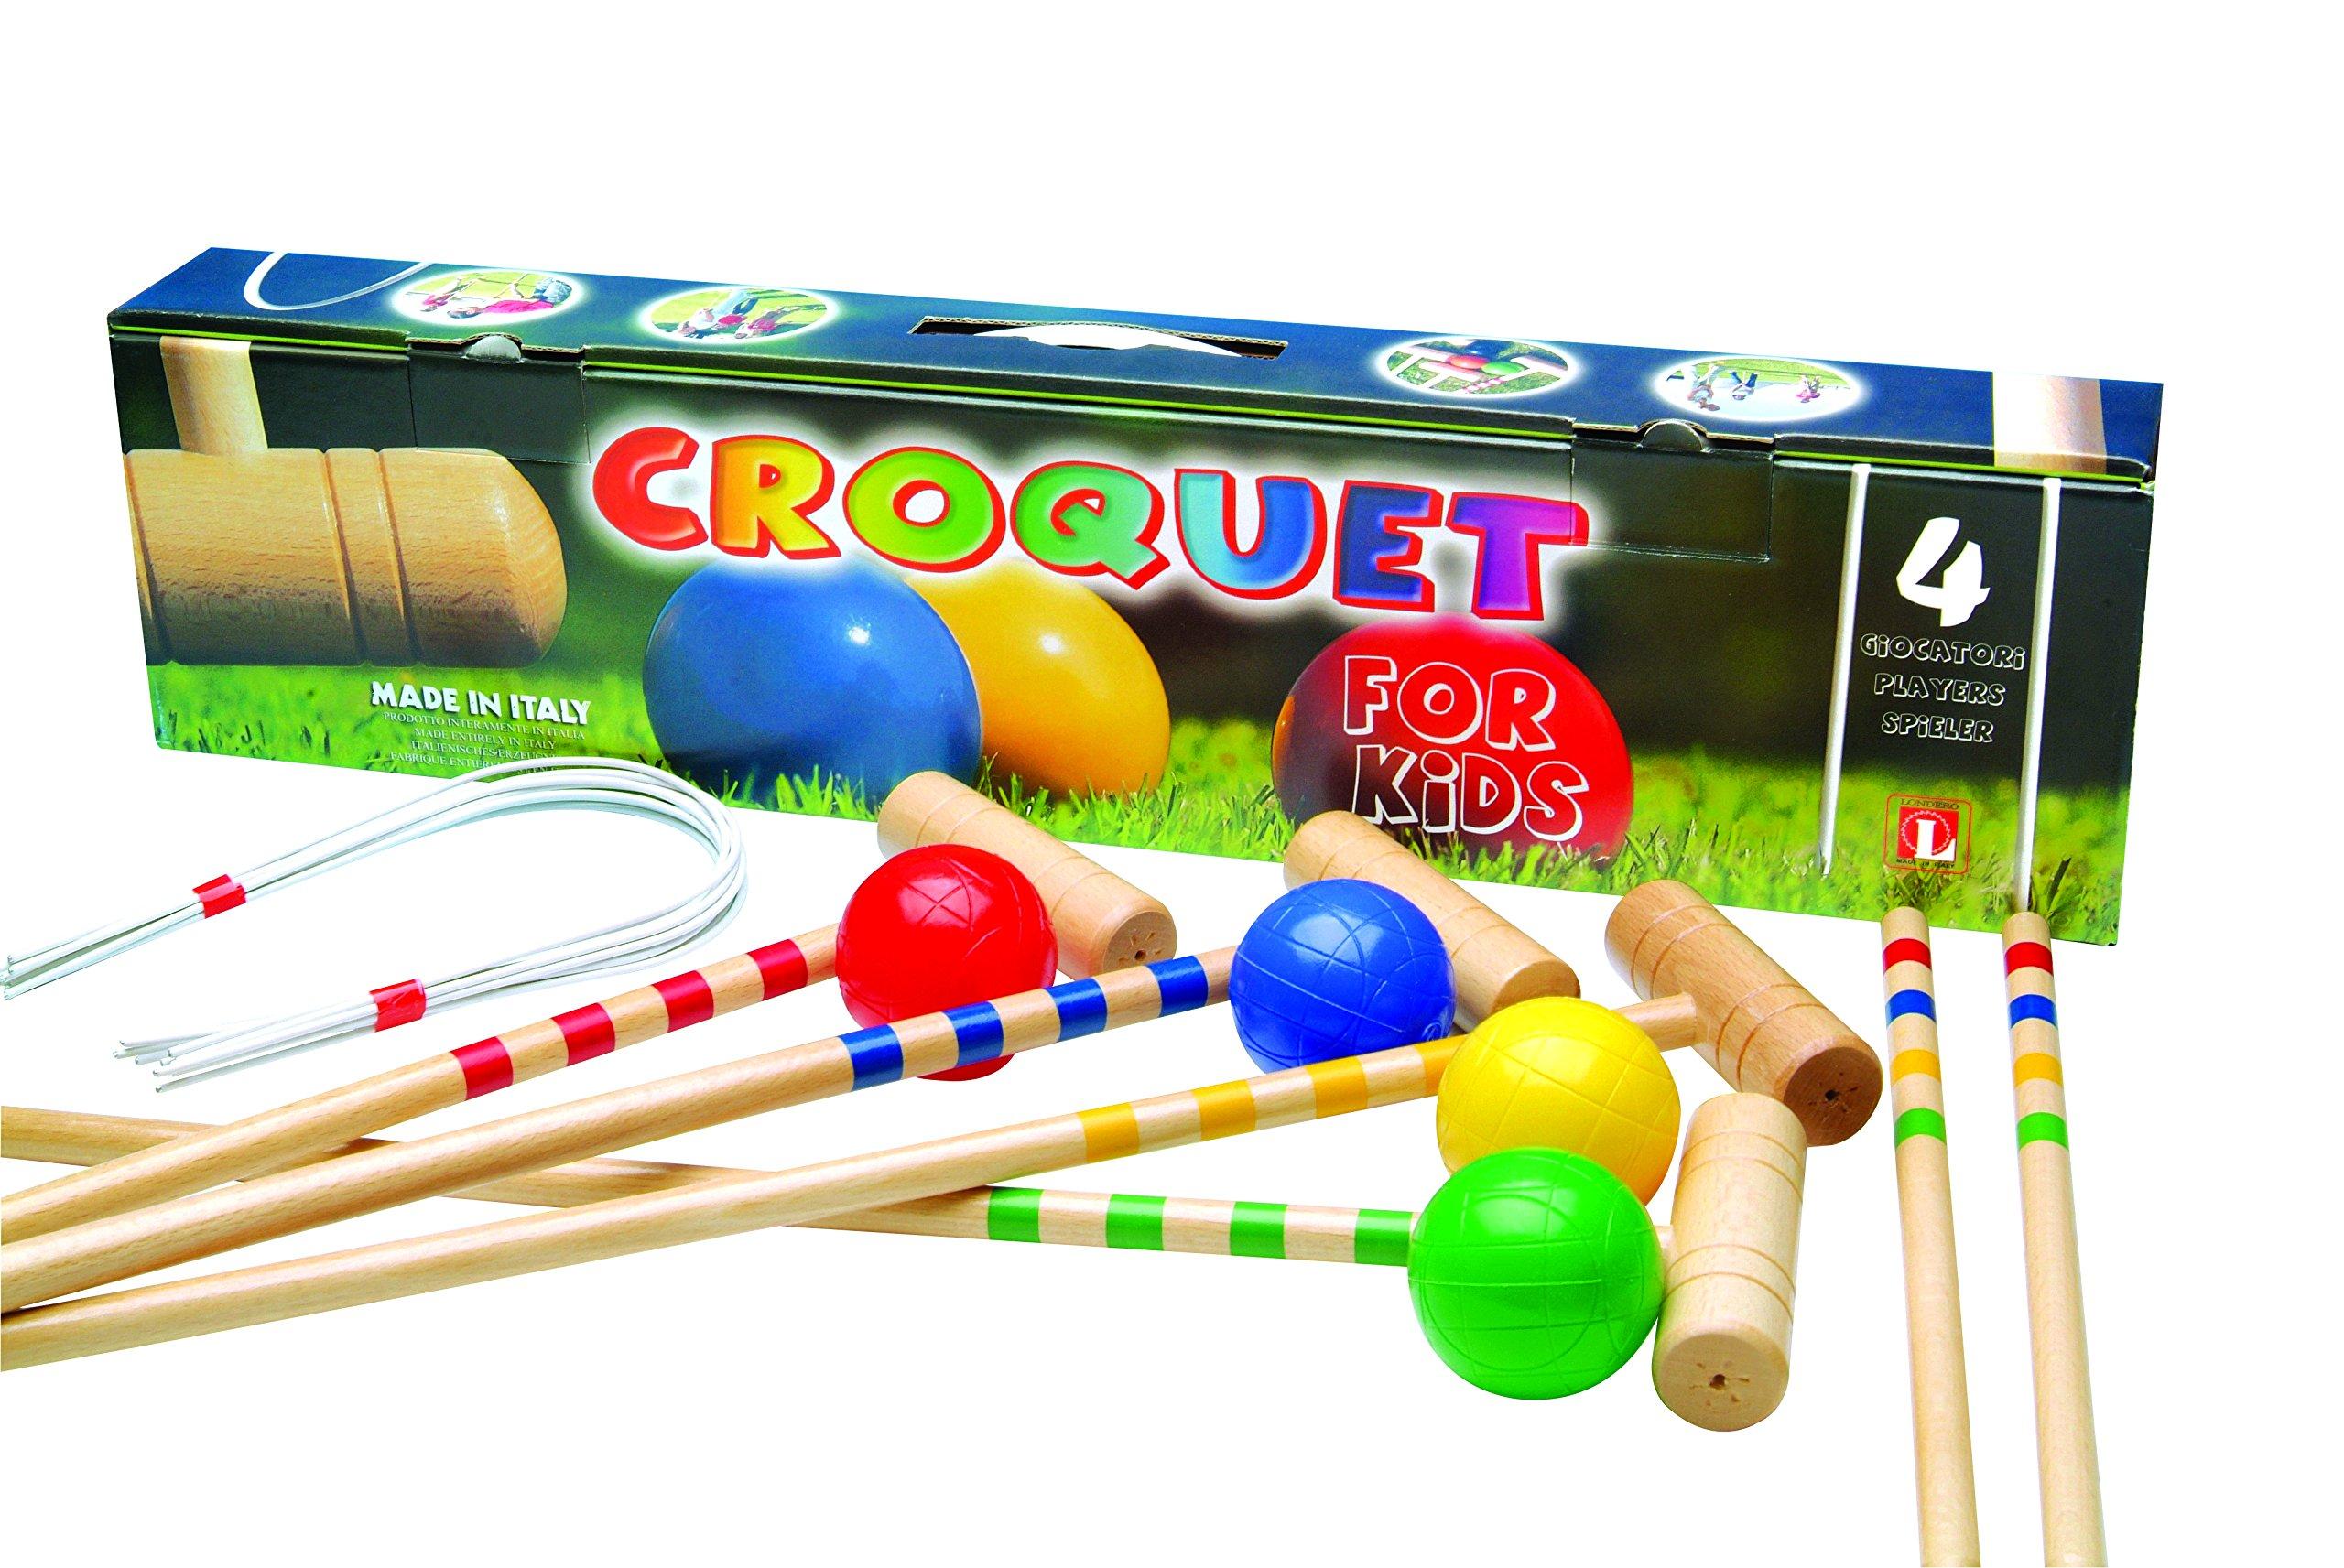 Kettler Children's Croquet Set by Kettler